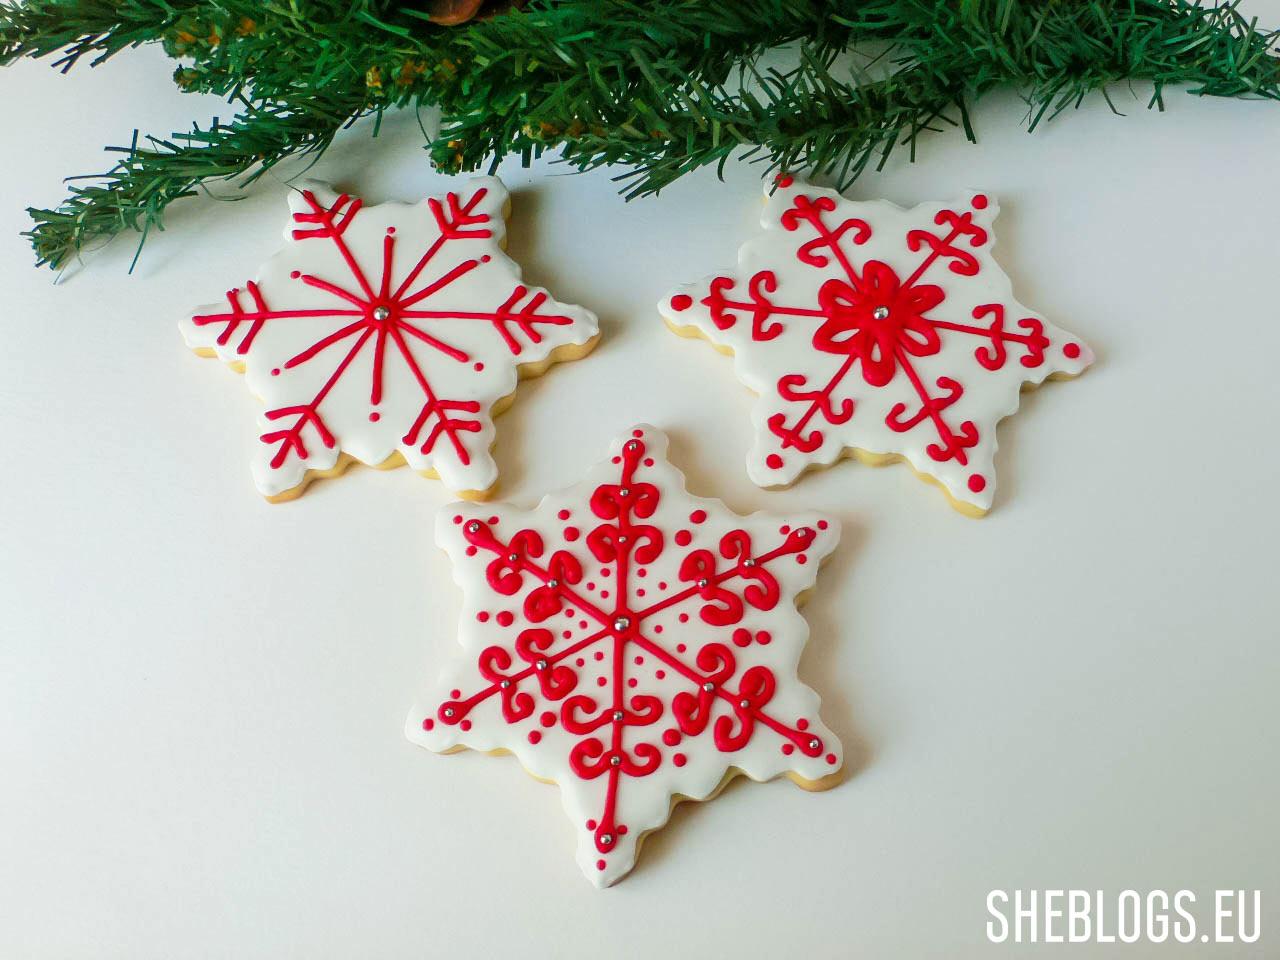 Τέλεια Χριστουγεννιάτικα κουλουράκια - Φτιάξτε πανέμορφα και πεντανόστιμα χριστουγεννιάτικα κουλουράκια με γλάσο για να εντυπωσιάσετε τους αγαπημένους σας και ξεχωρίσετε αυτές τις γιορτές.